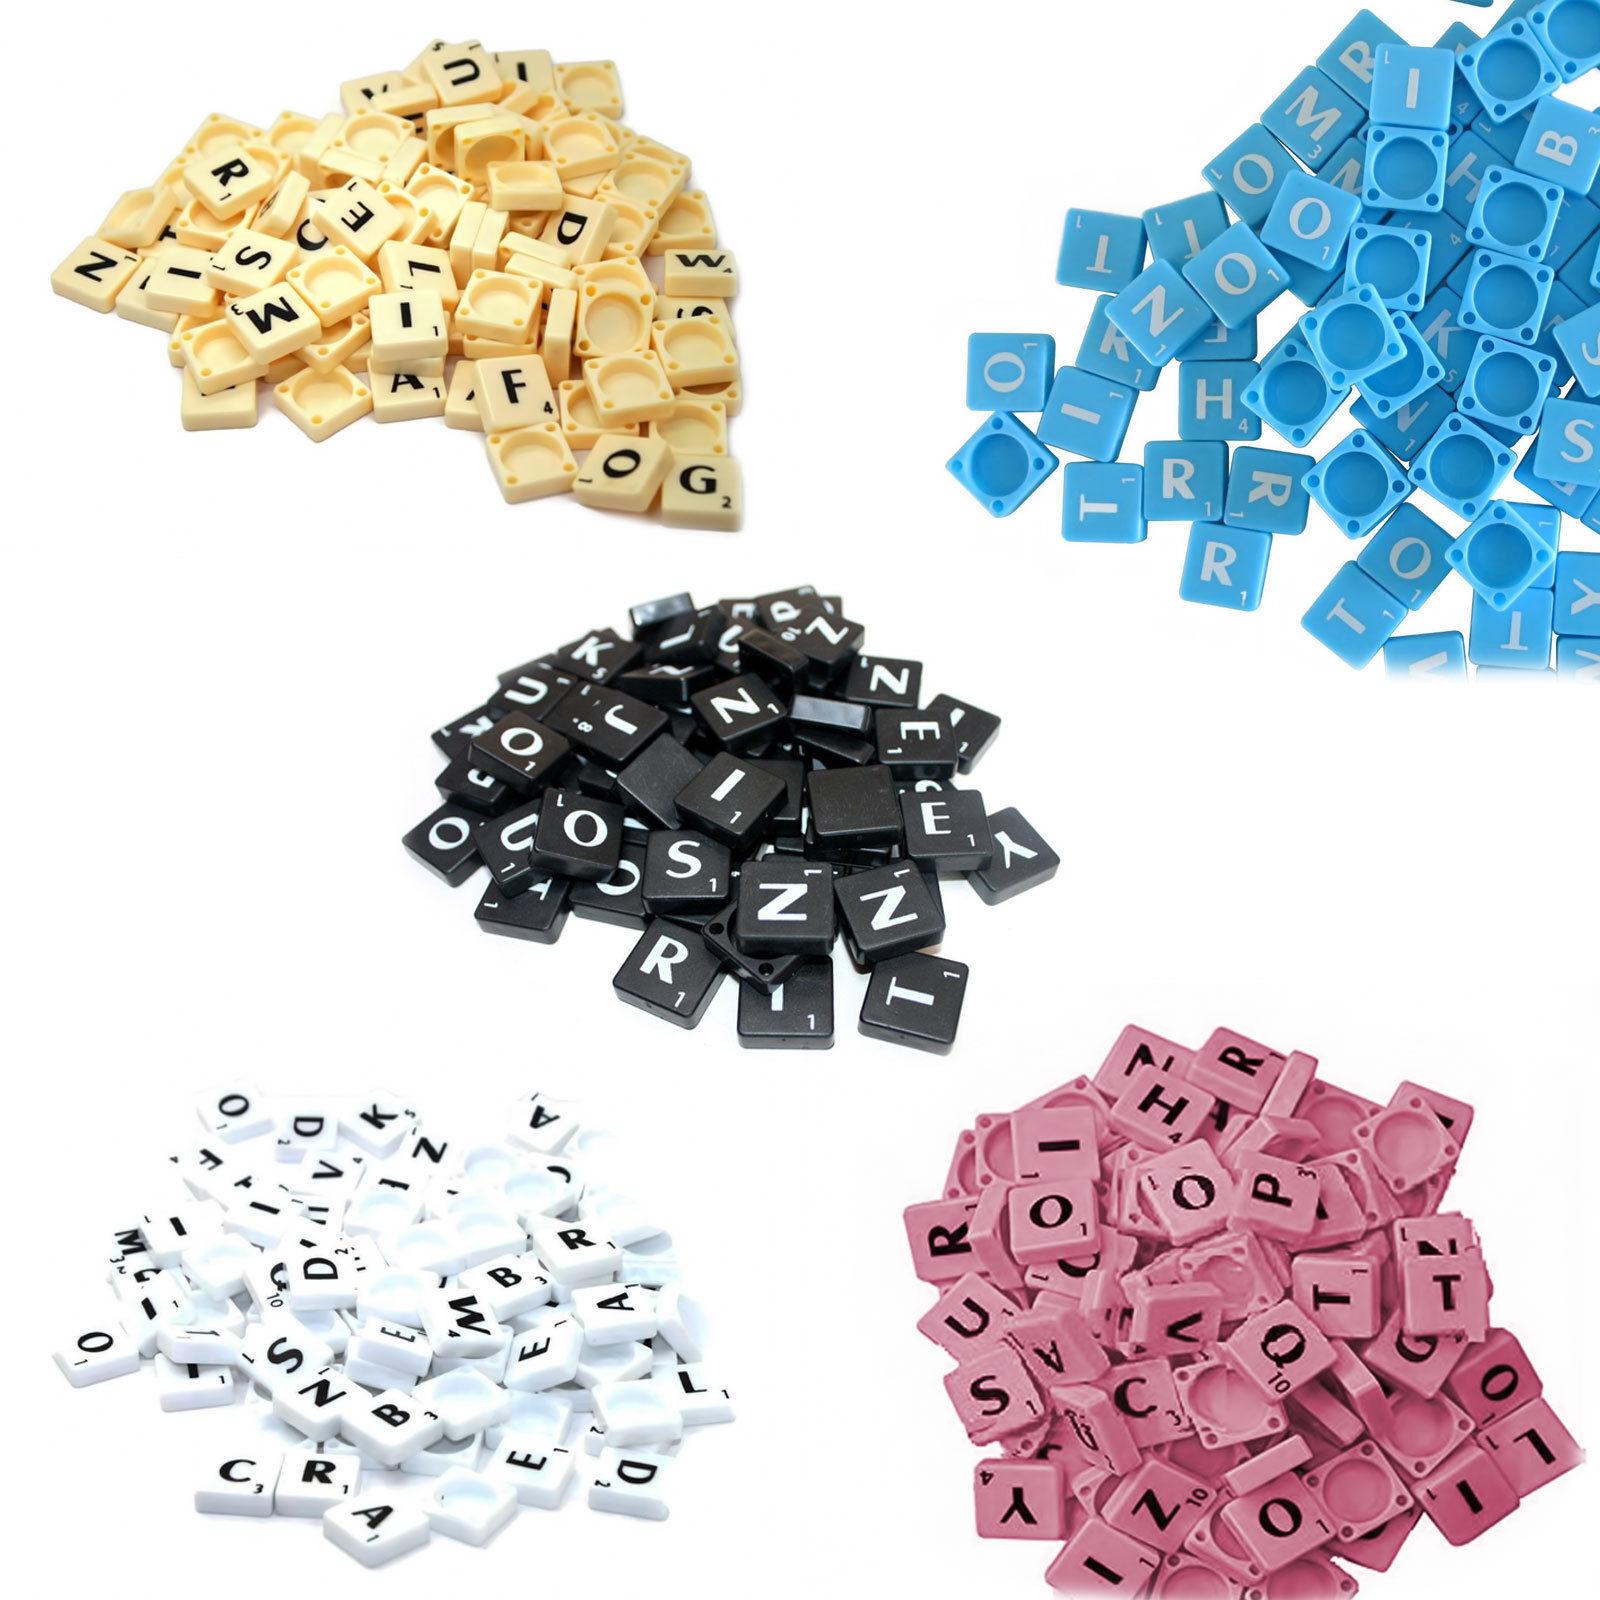 1-2000 Plastic Scrabble Tiles Letters For Art & Crafts Scrapbook UK Seller Scrb